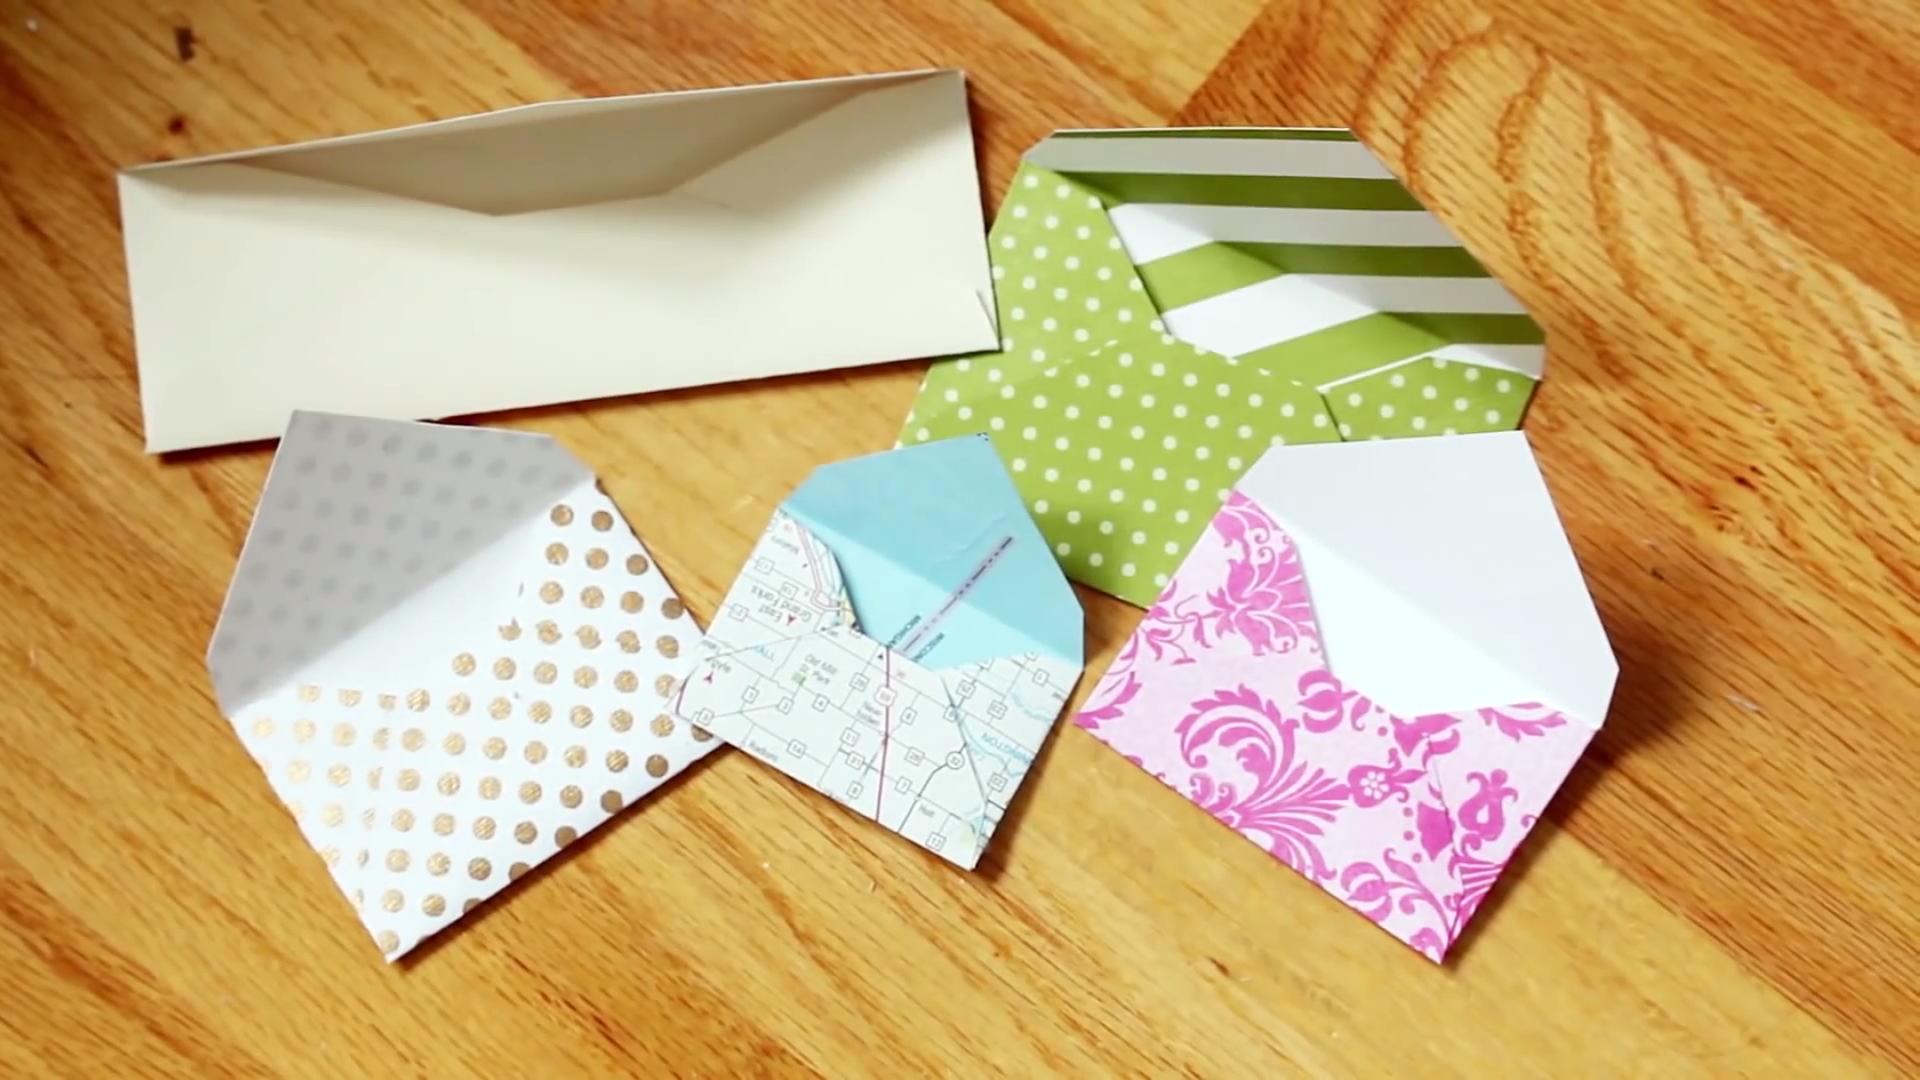 Diy Custom Sized Envelopes Easy Handmade Letter Or Card Envelope Odd Sizes Craft Ideas Card Envelopes Handmade Envelopes Christmas Card Photos Kids